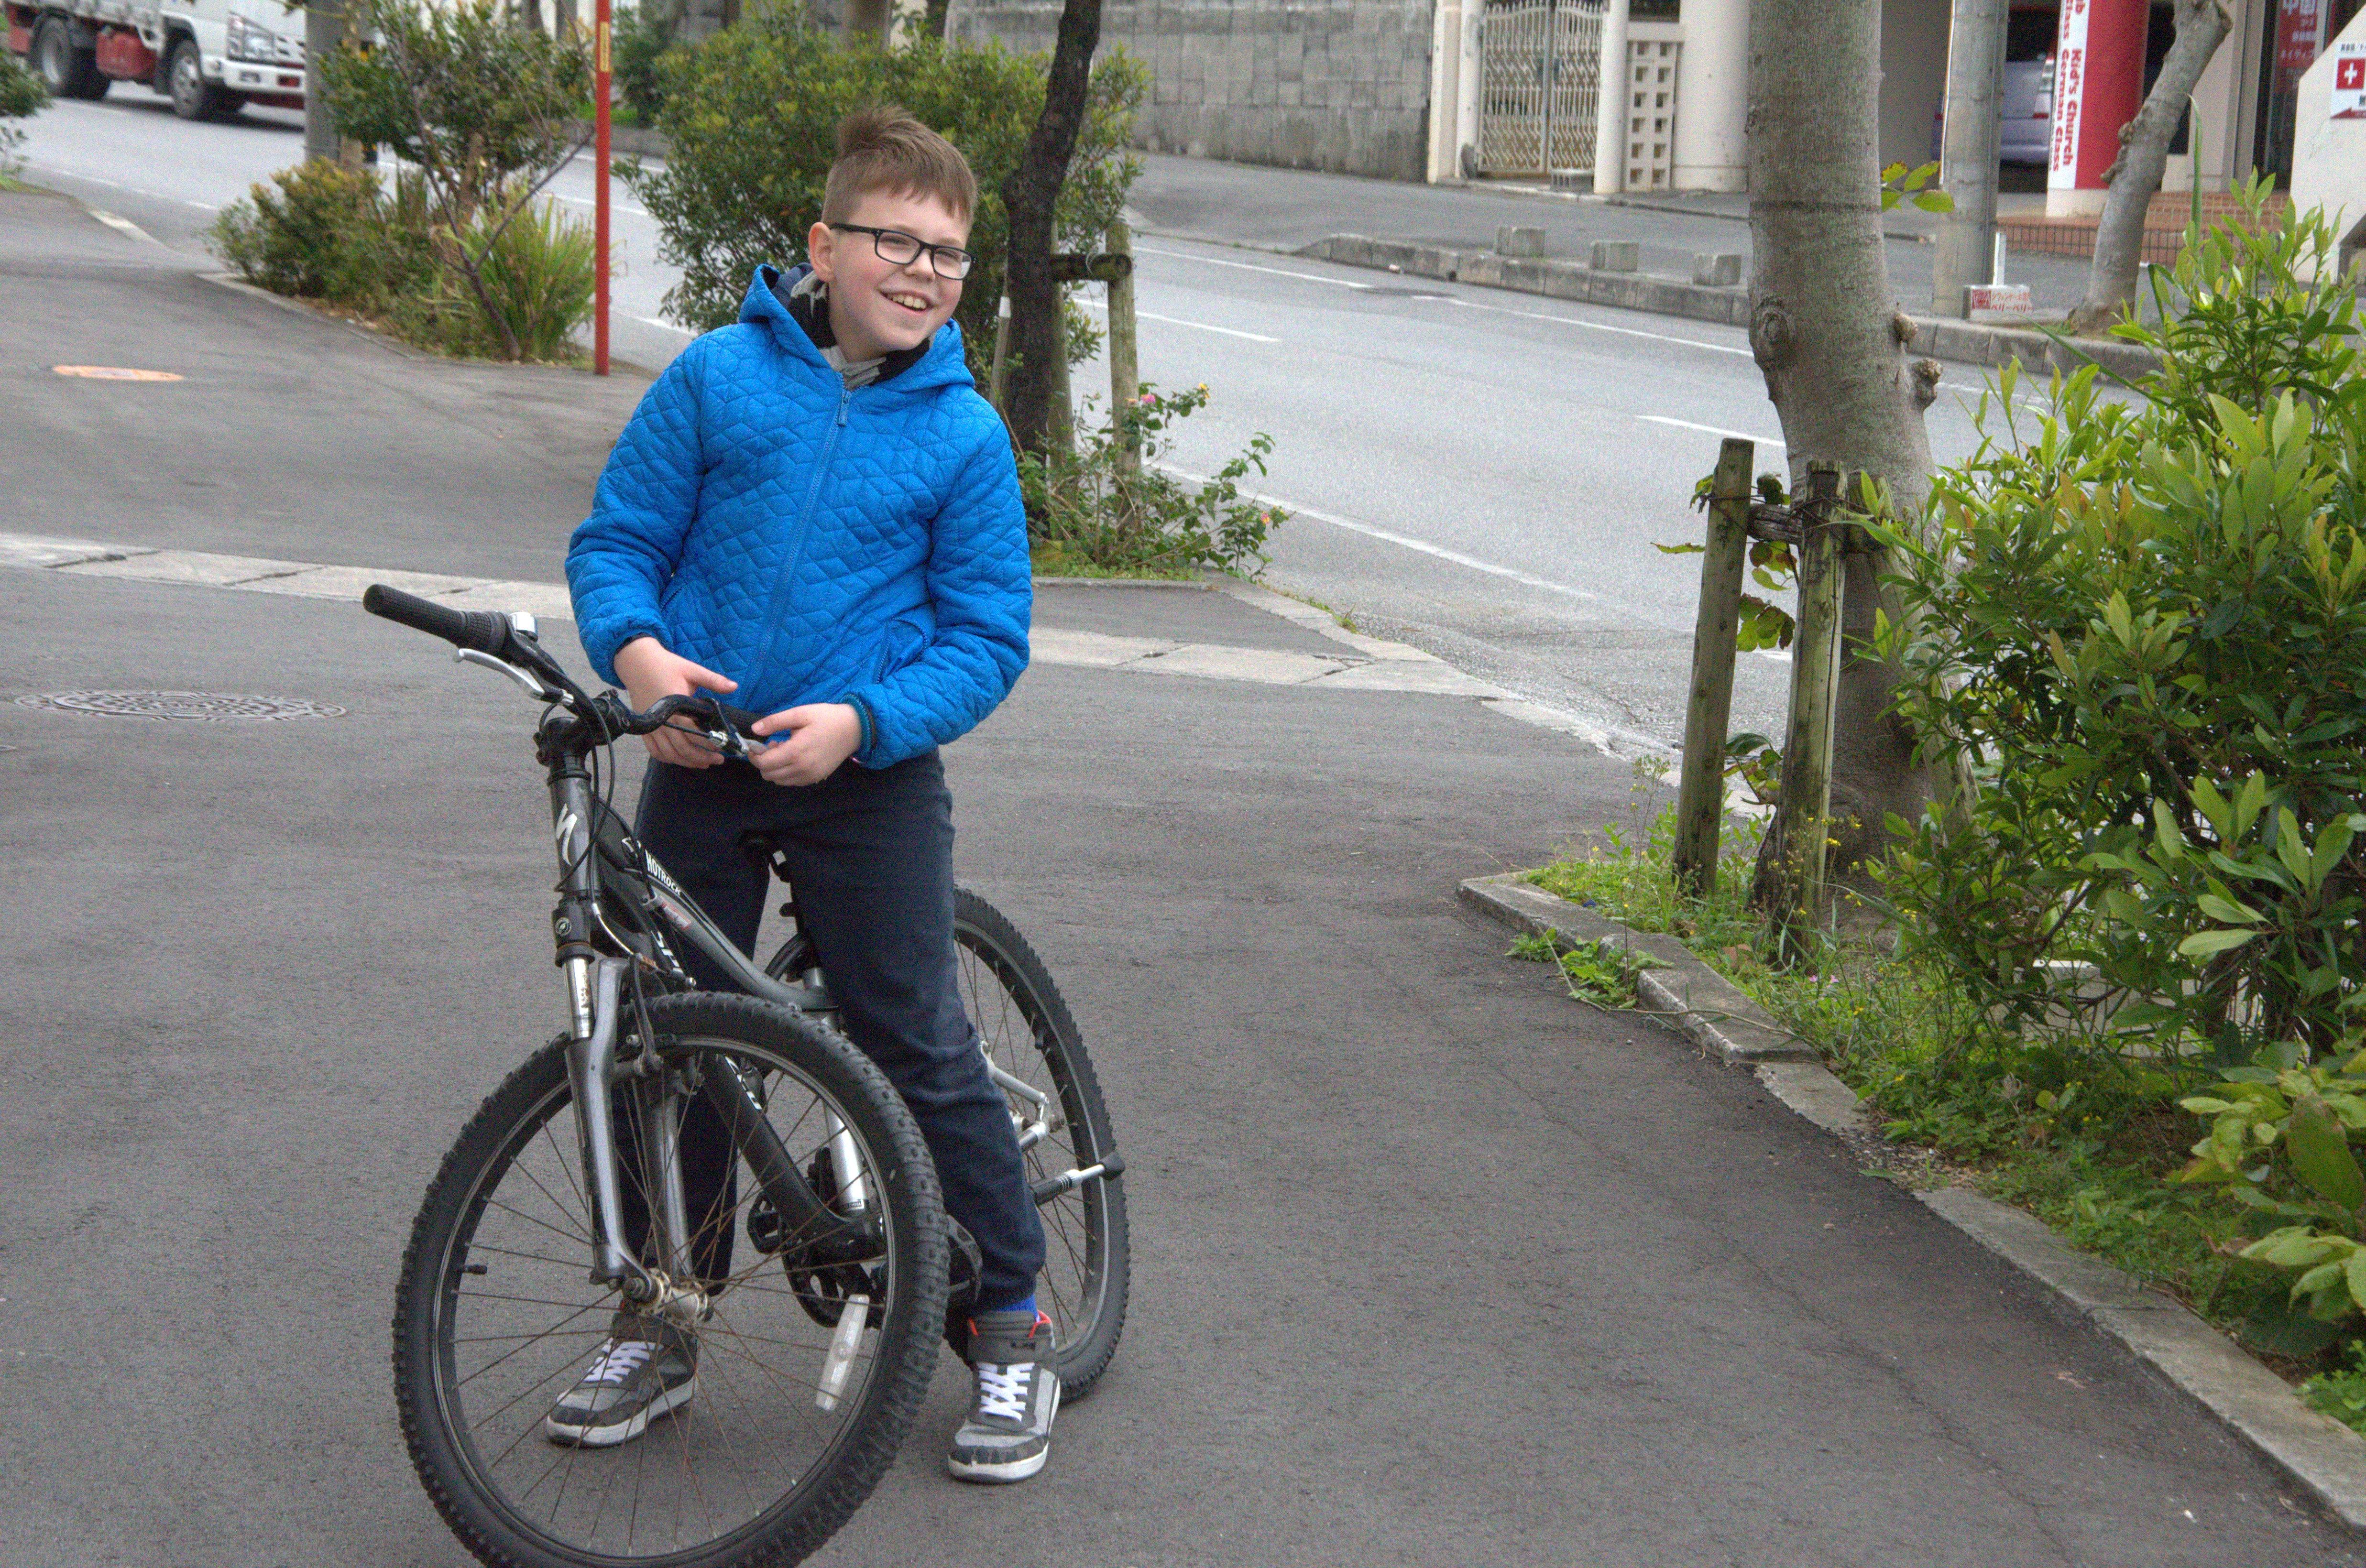 Szymek rower2